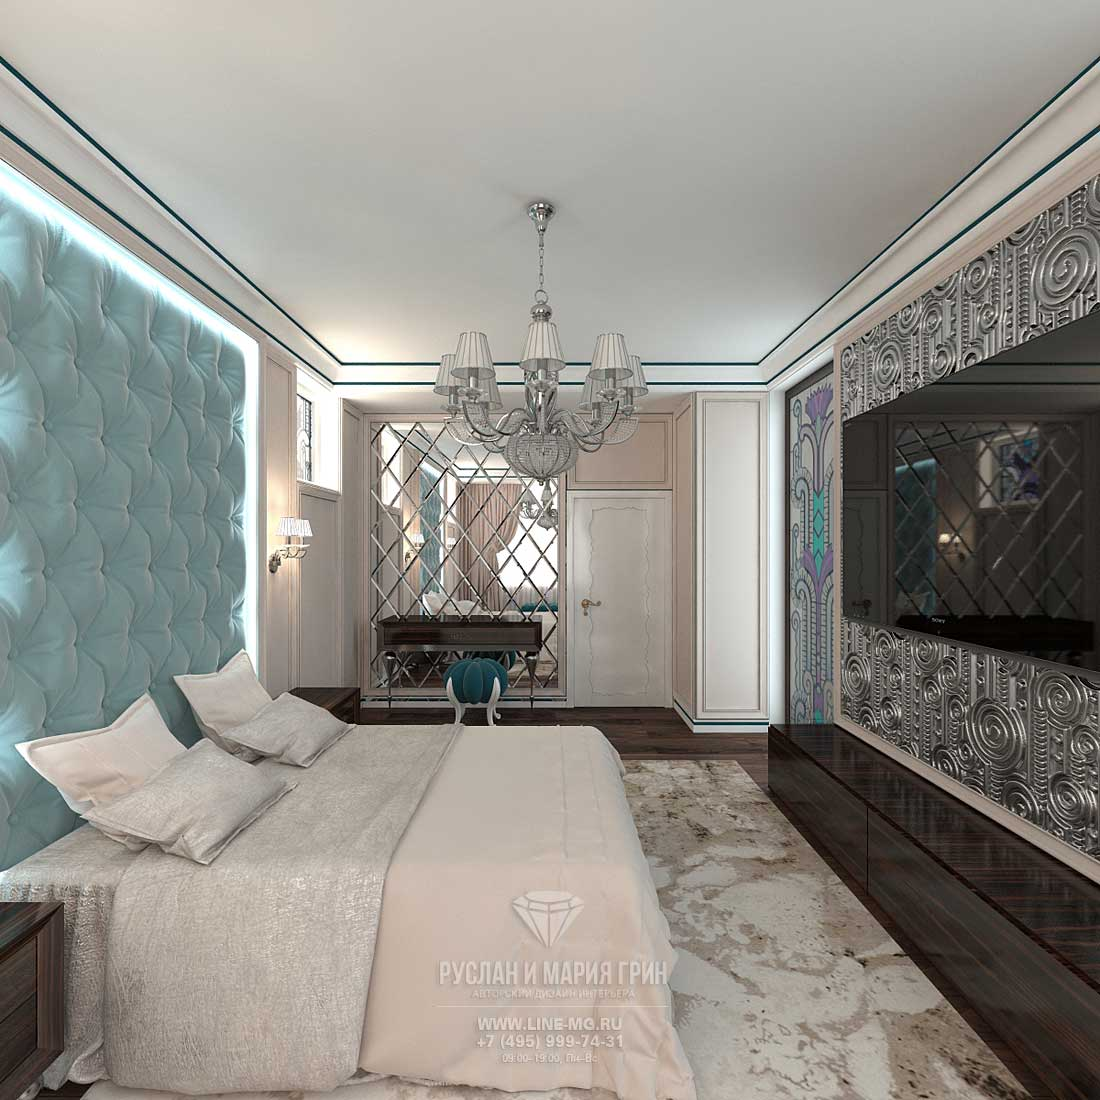 Современная идея дизайна спальни в стиле арт-деко в доме с мансардой